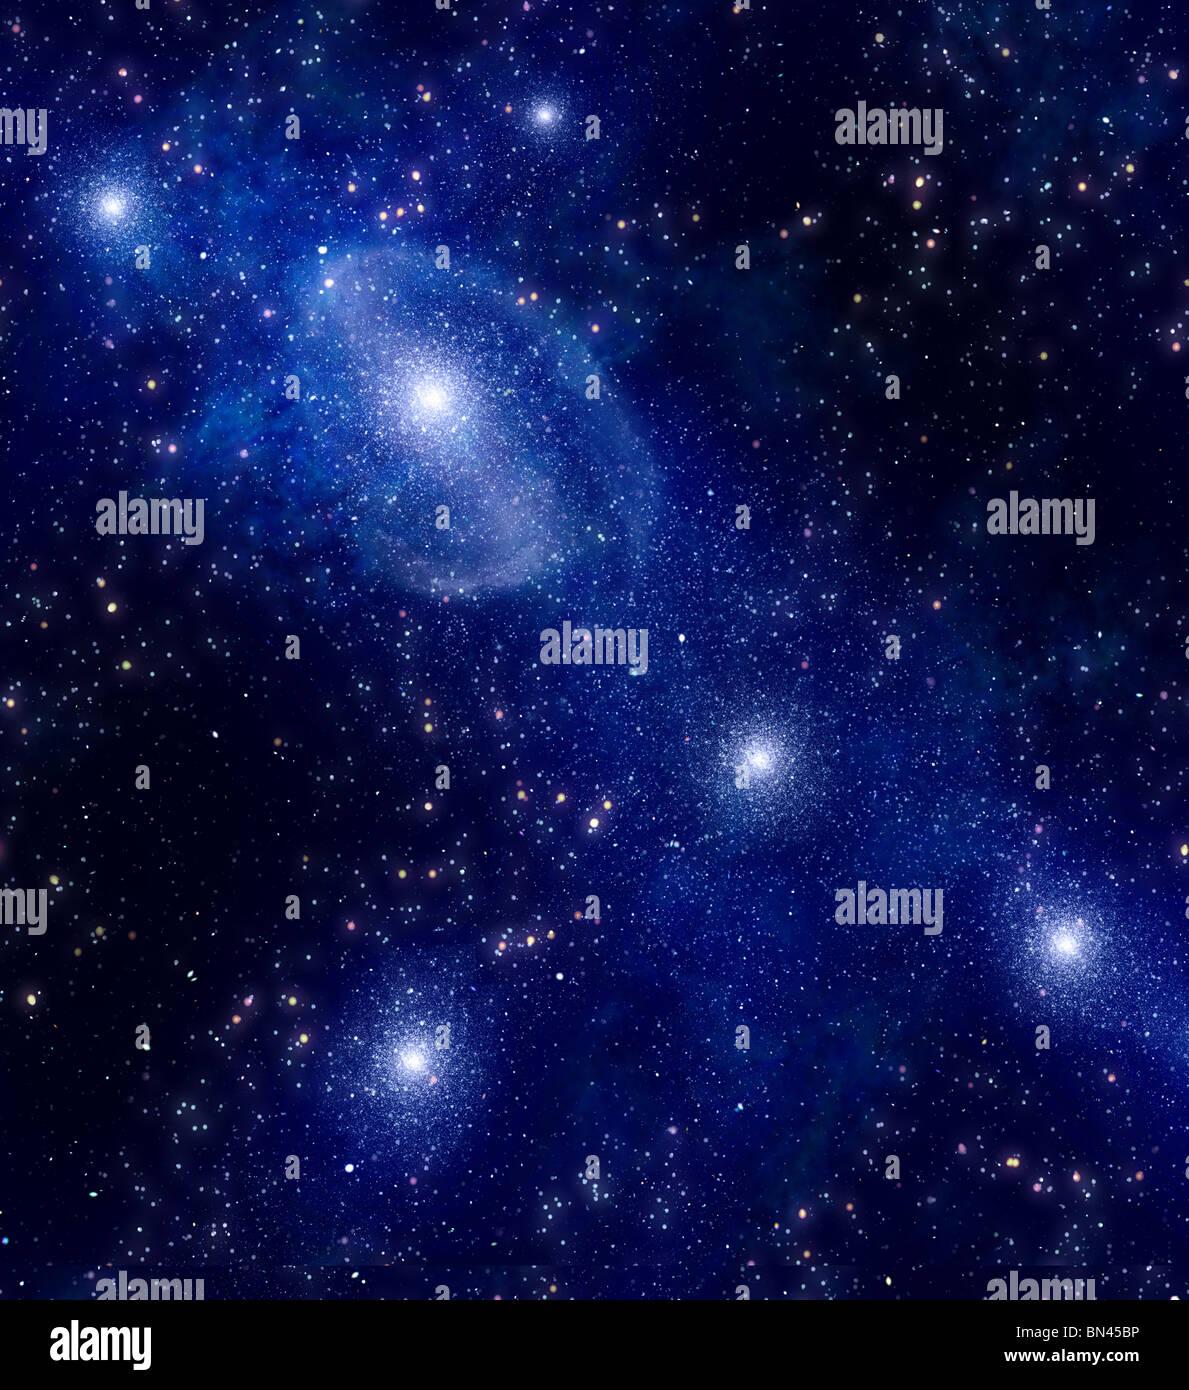 Espacio profundo fondo con estrellas y nebulosa Imagen De Stock